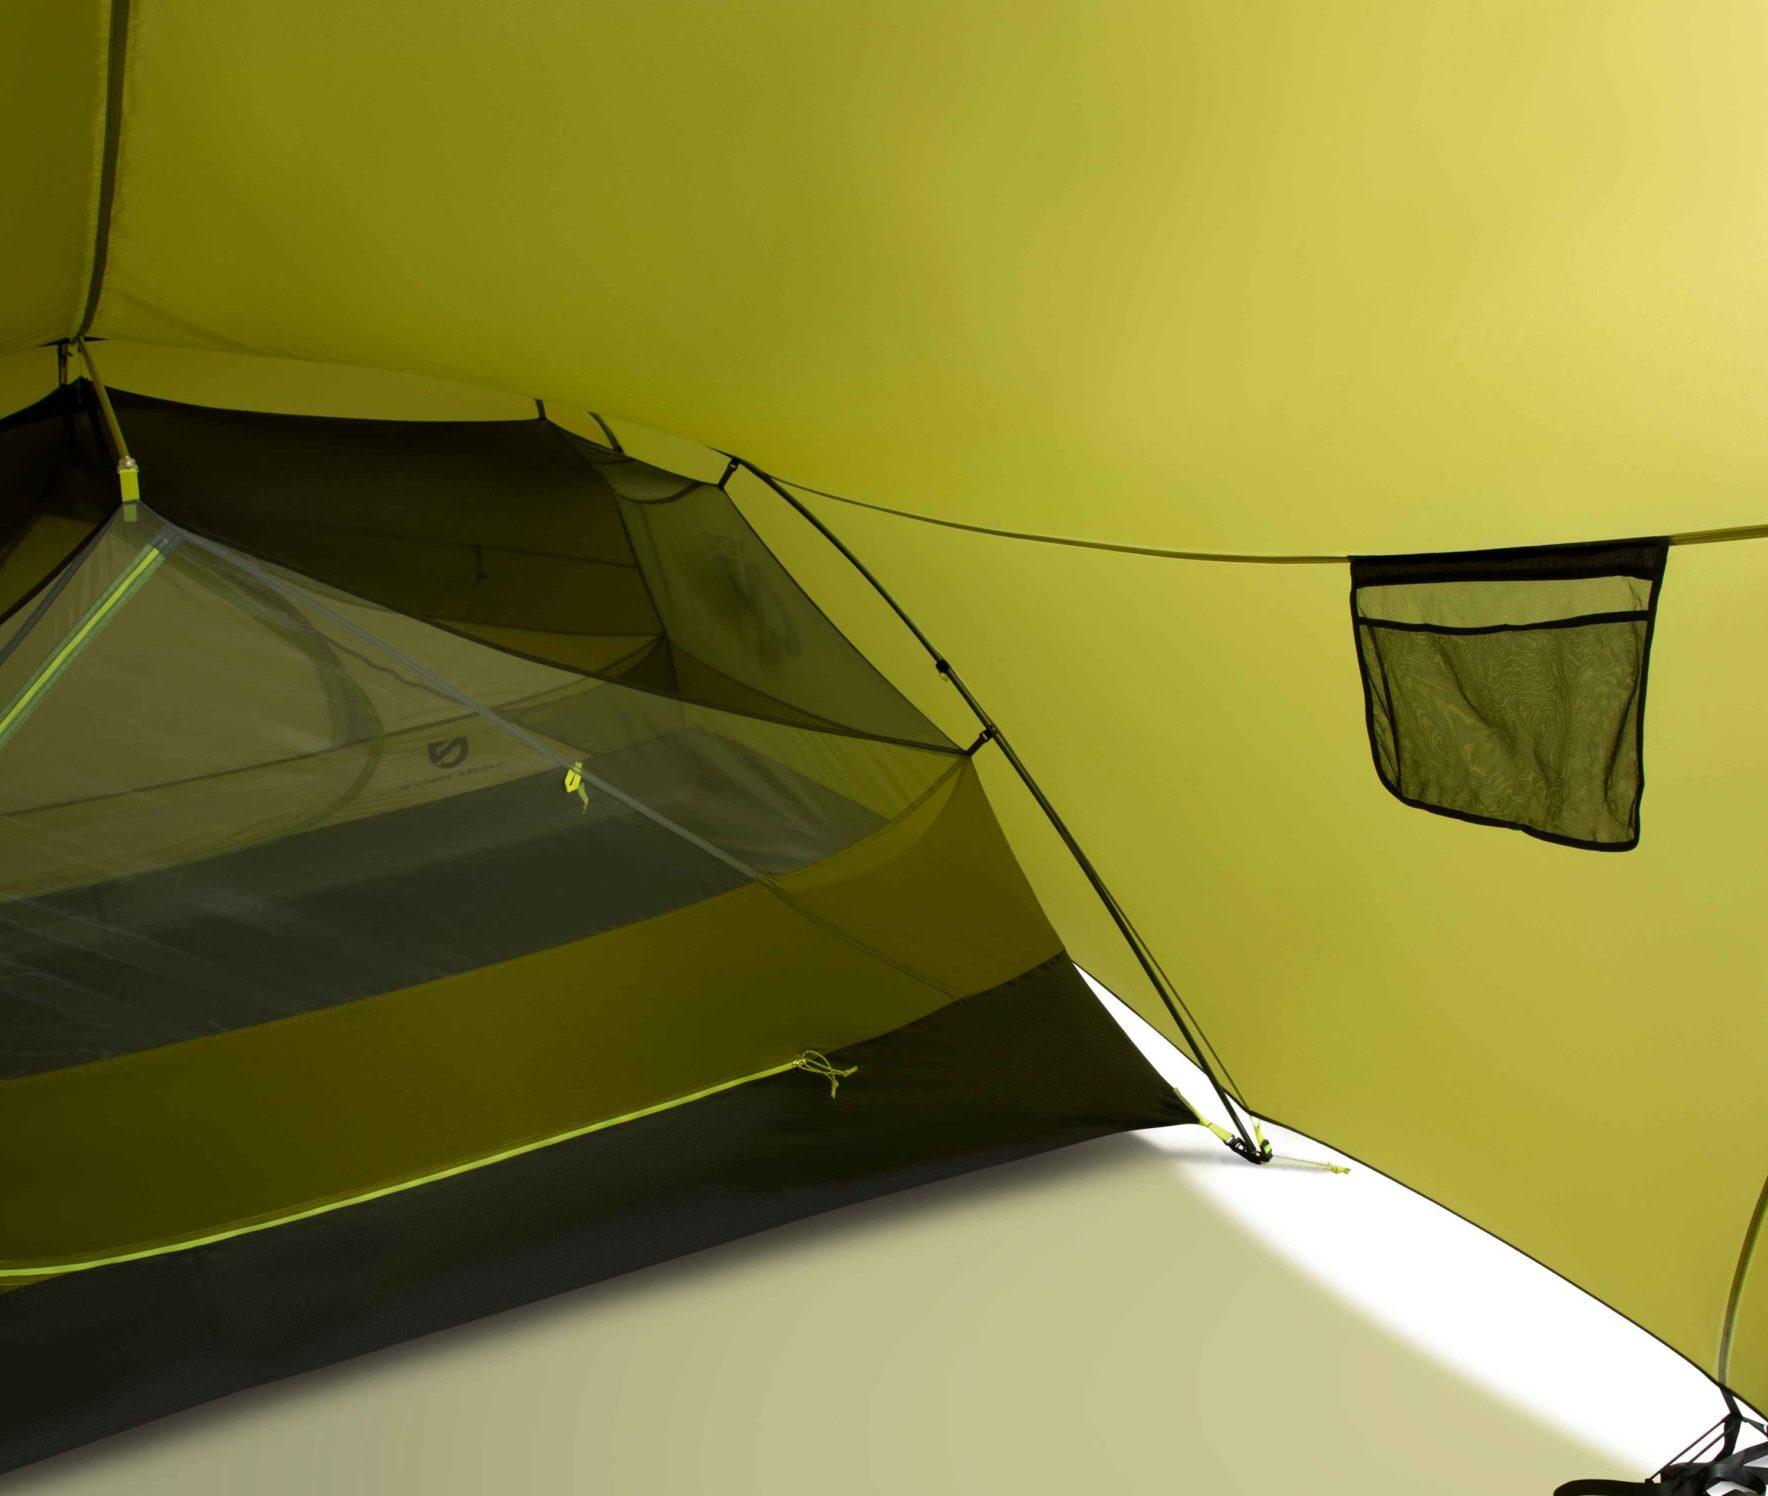 NEMO(ニーモ)から巨大な前室を持つミニマムなテントが発売されました「DAGGER PORCH TENT」7